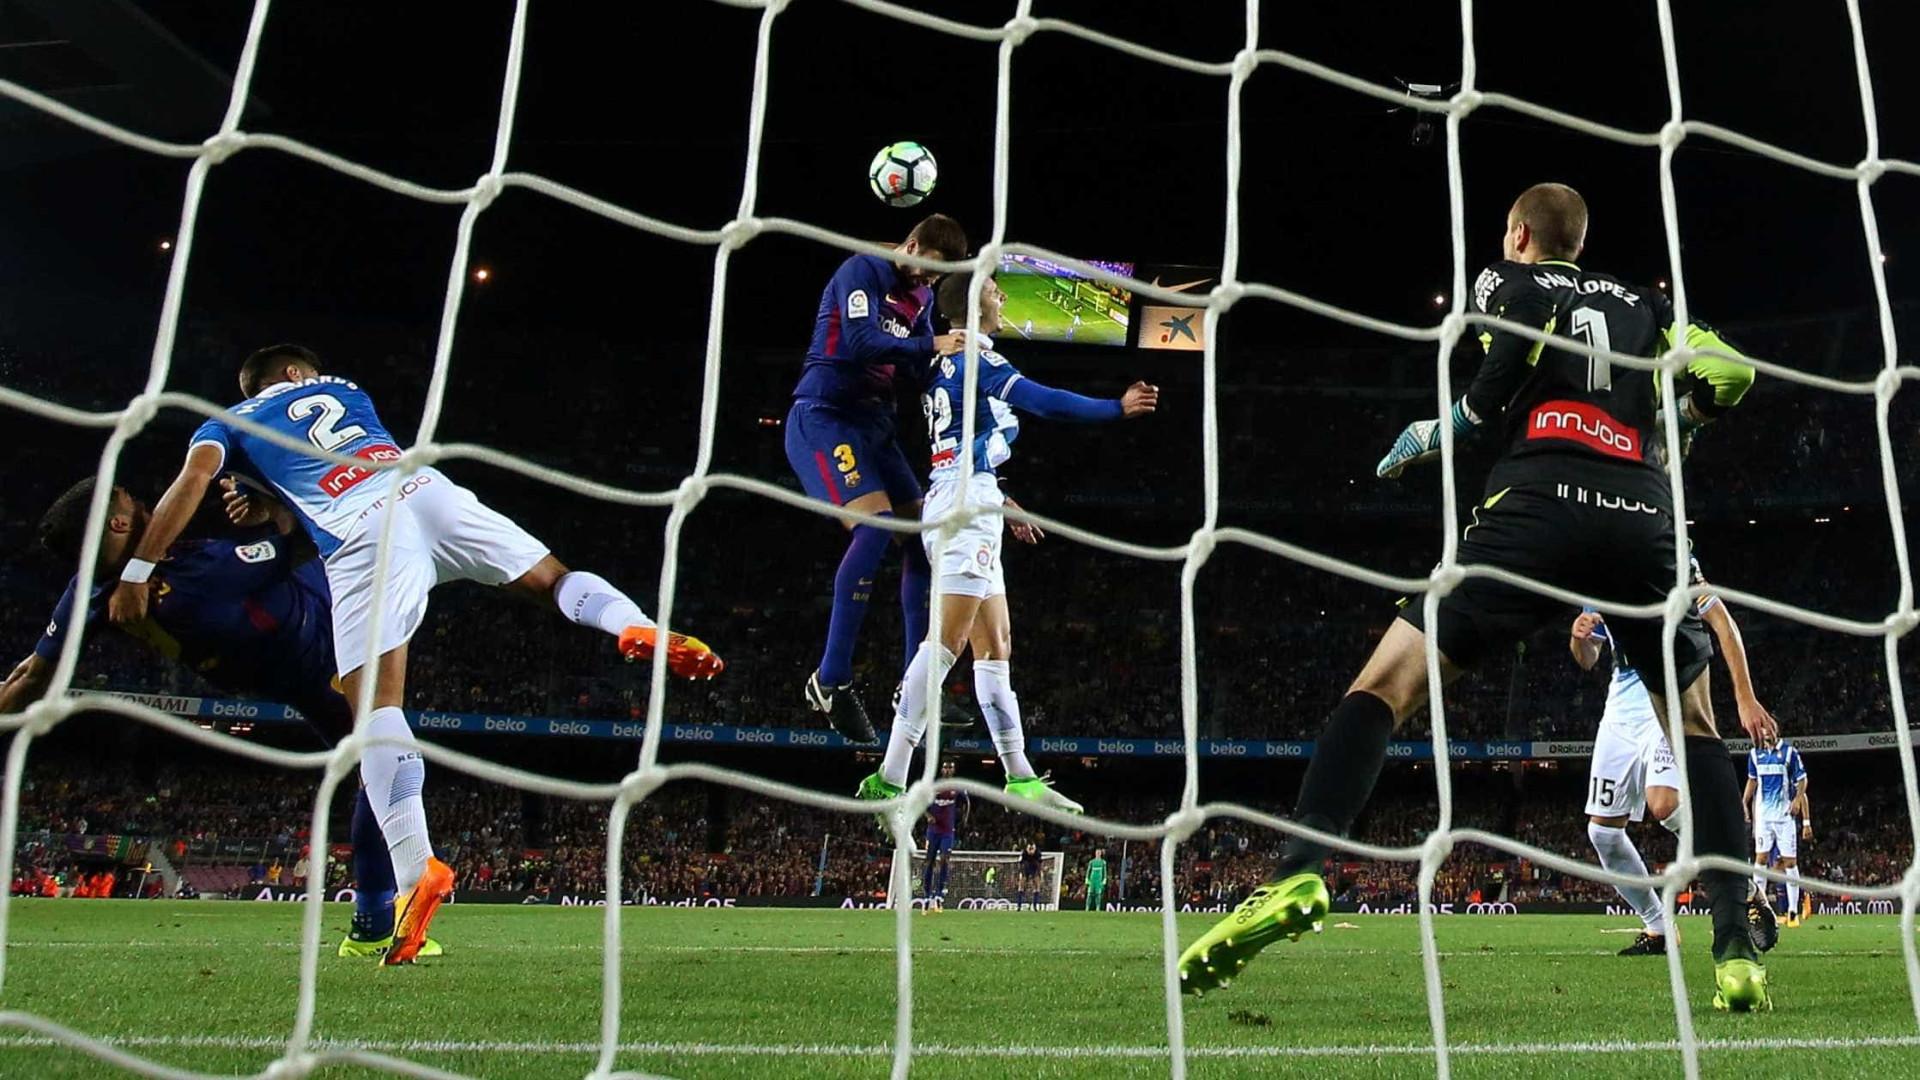 Real Madrid confirma apuramento para os quartos da Taça do Rei